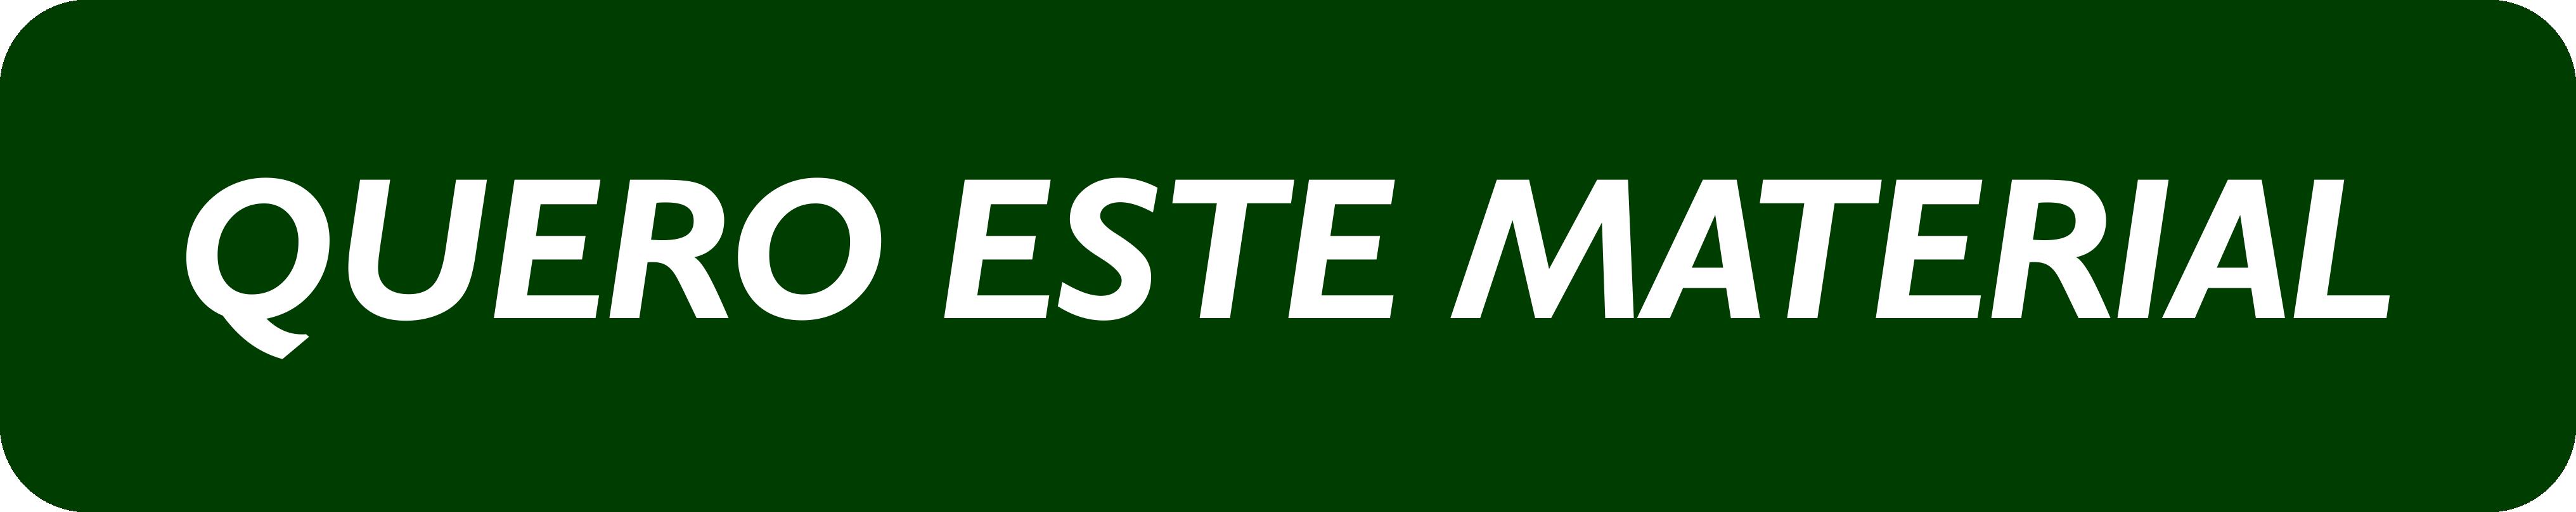 i.ibb.co/9pMTSyt/QUERO-ESTE-MATERIAL.png